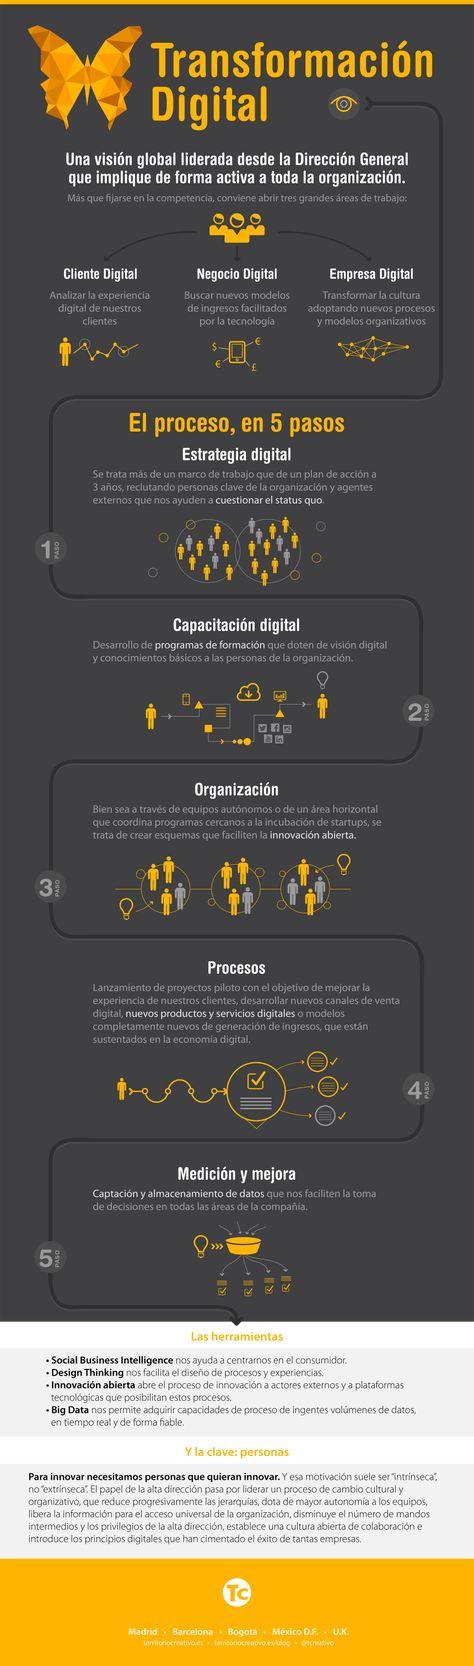 Transformación Digital: hoja de ruta para tu empresa #infografia #infographic - TICs y Formación